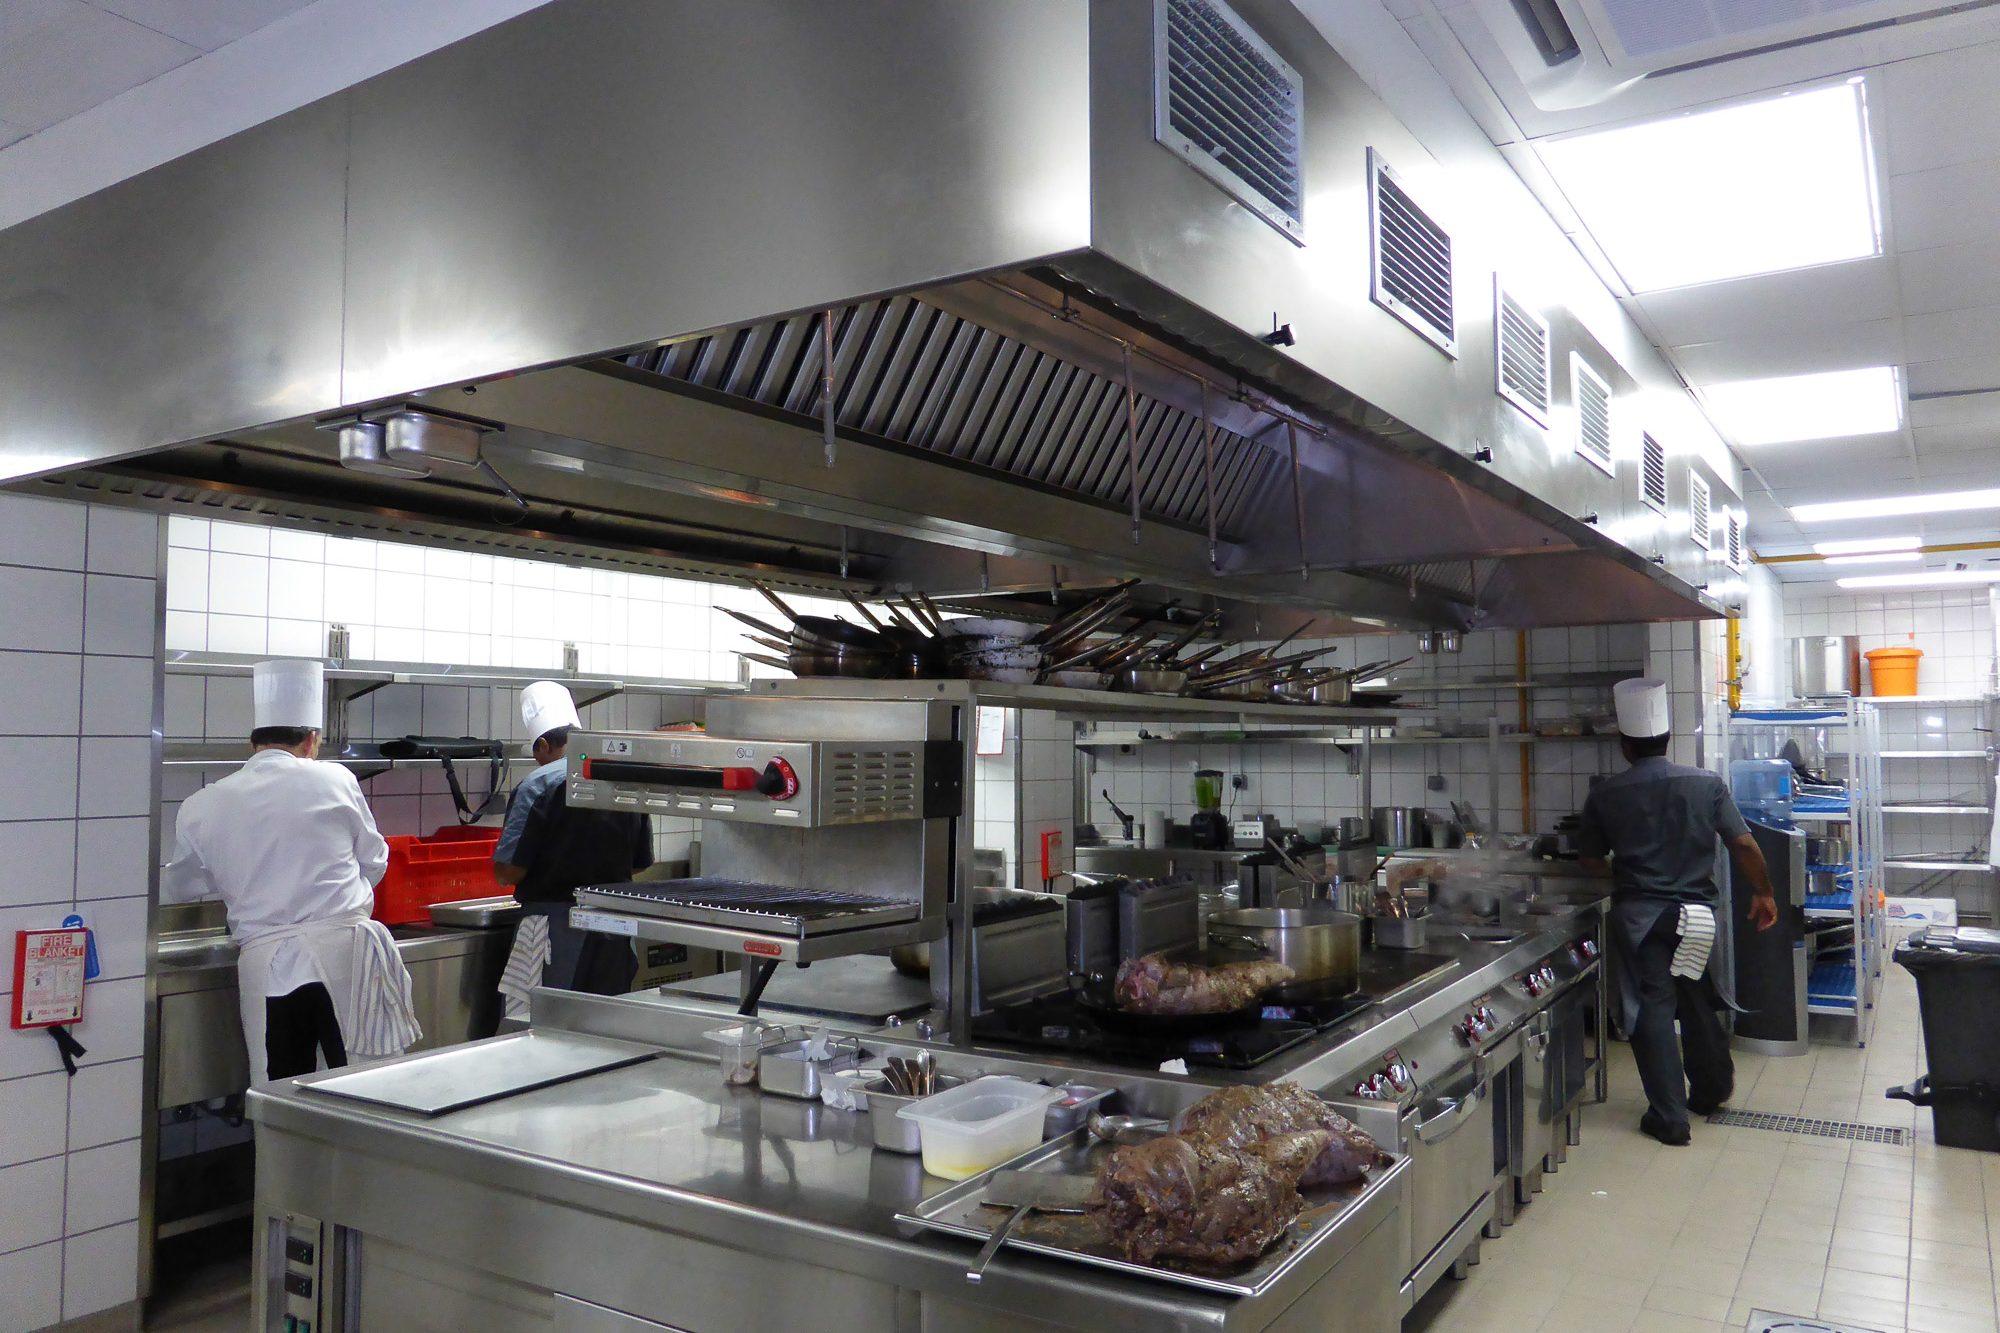 Italia_kitchen_-st.regis-12